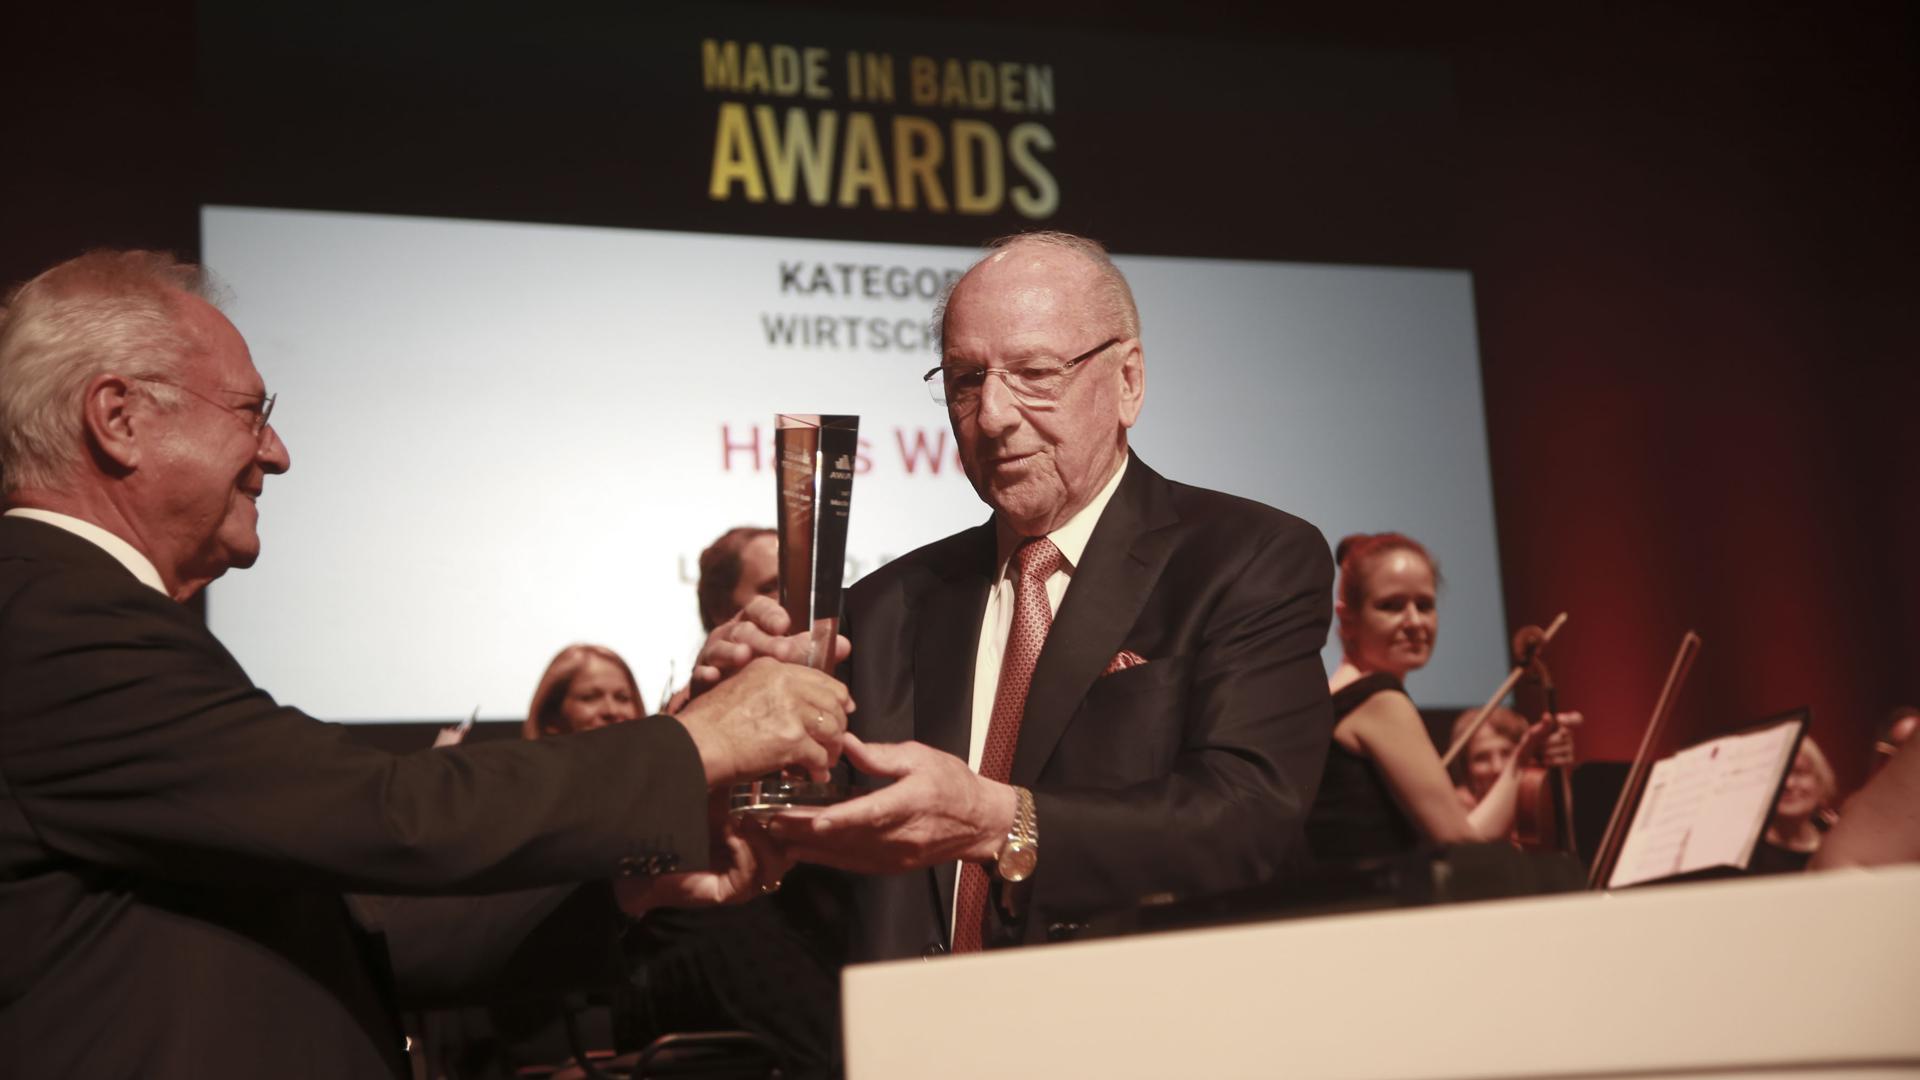 Den Gründer der Firma Fertighaus-Weber in Rheinau-Linx würdigte der frühere IHK-Präsident Bernd Bechtold.